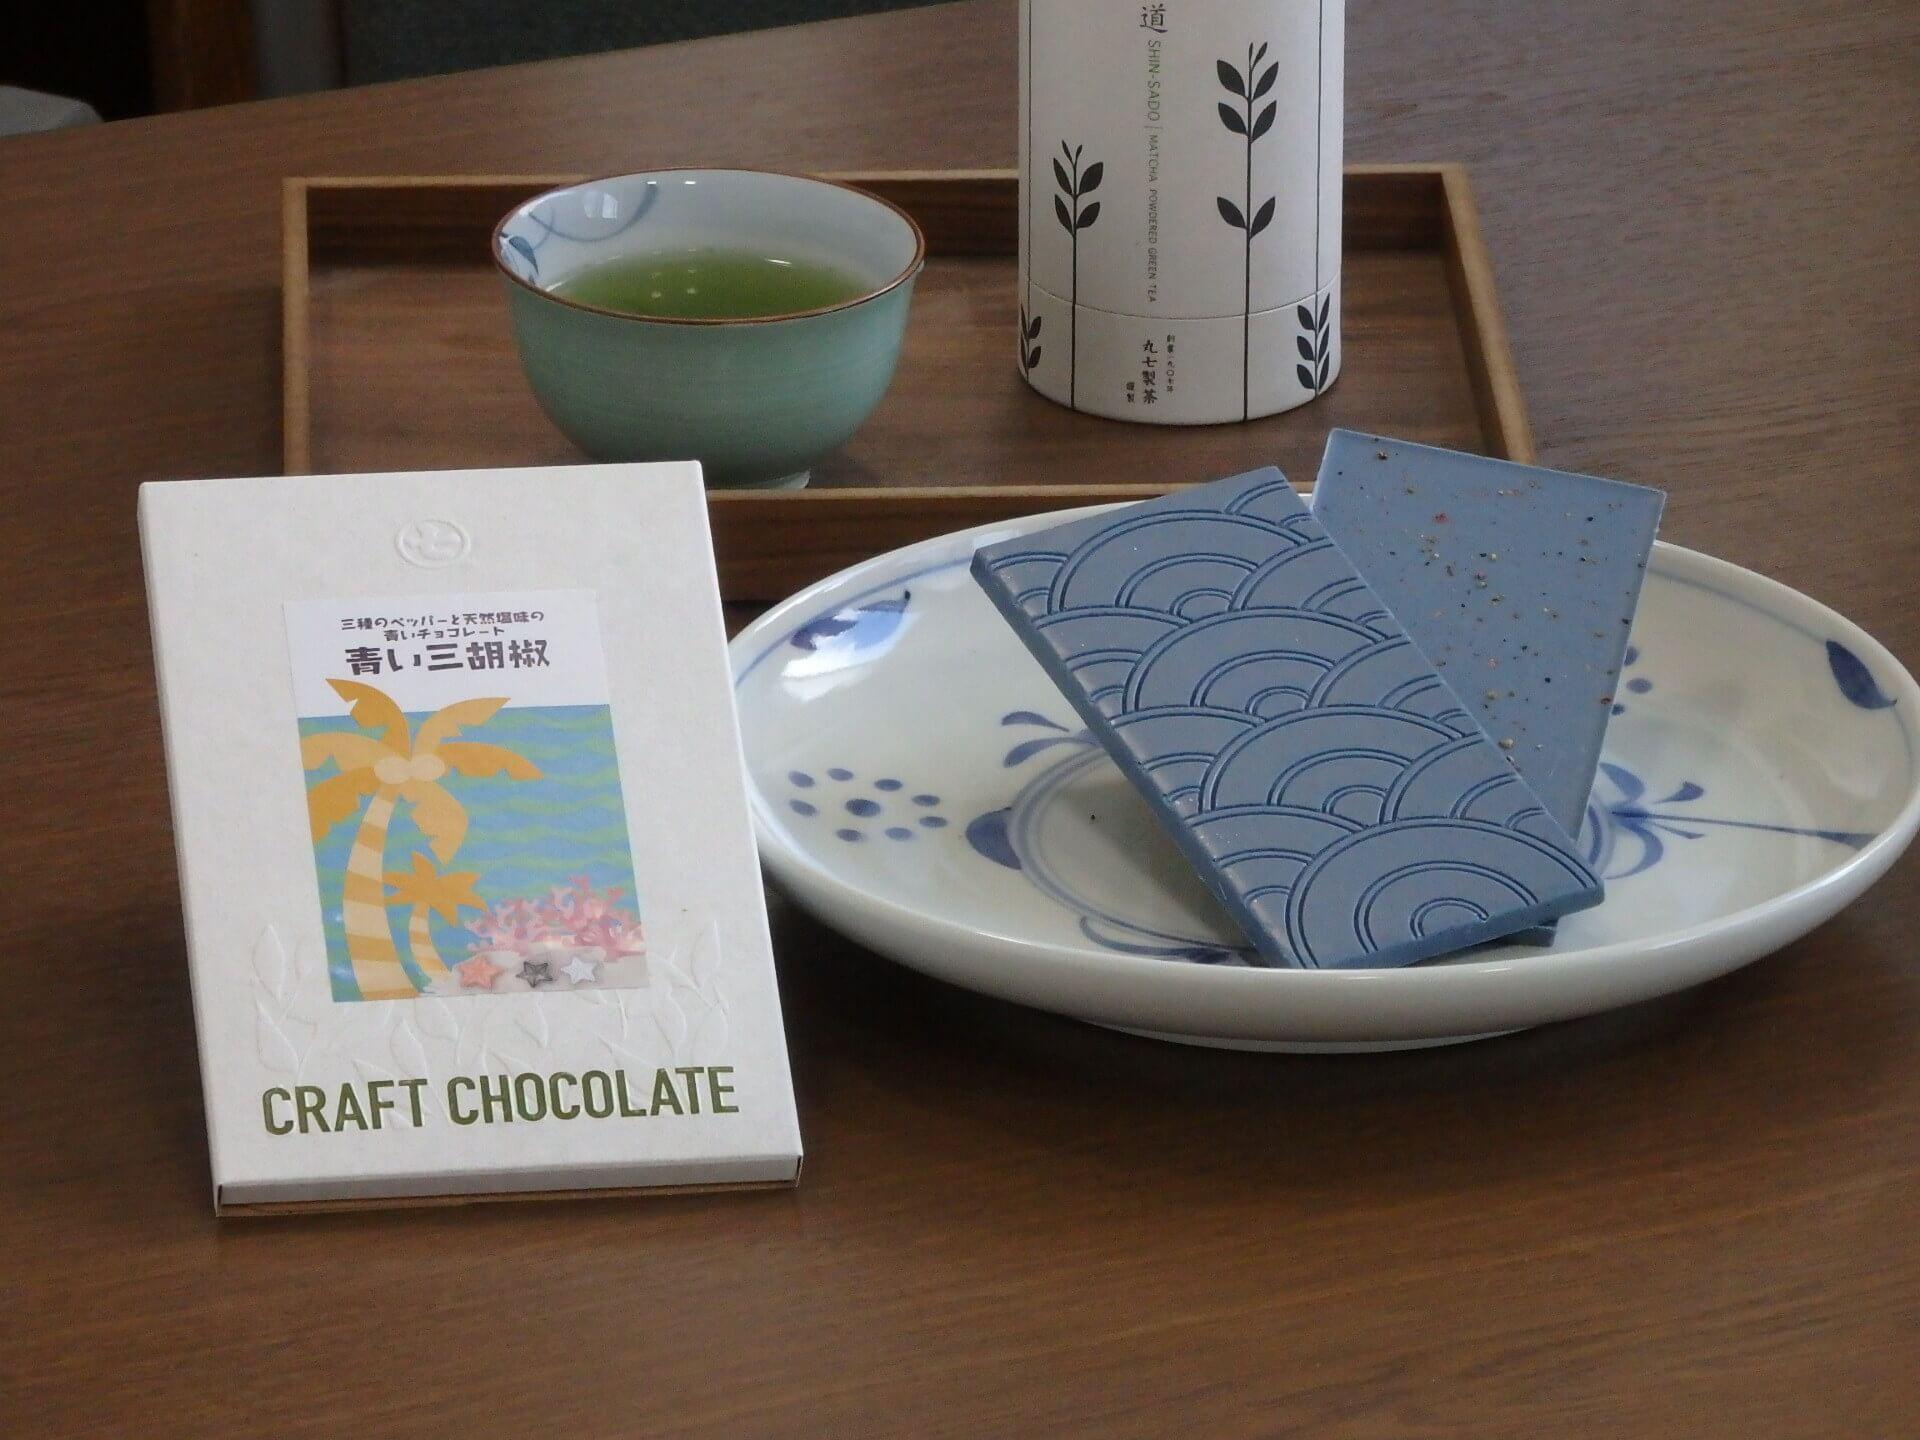 静岡抹茶スイーツ ななや shizuoka matcha sweet nanaya 青いチョコレート blue chocolate img_183365_1